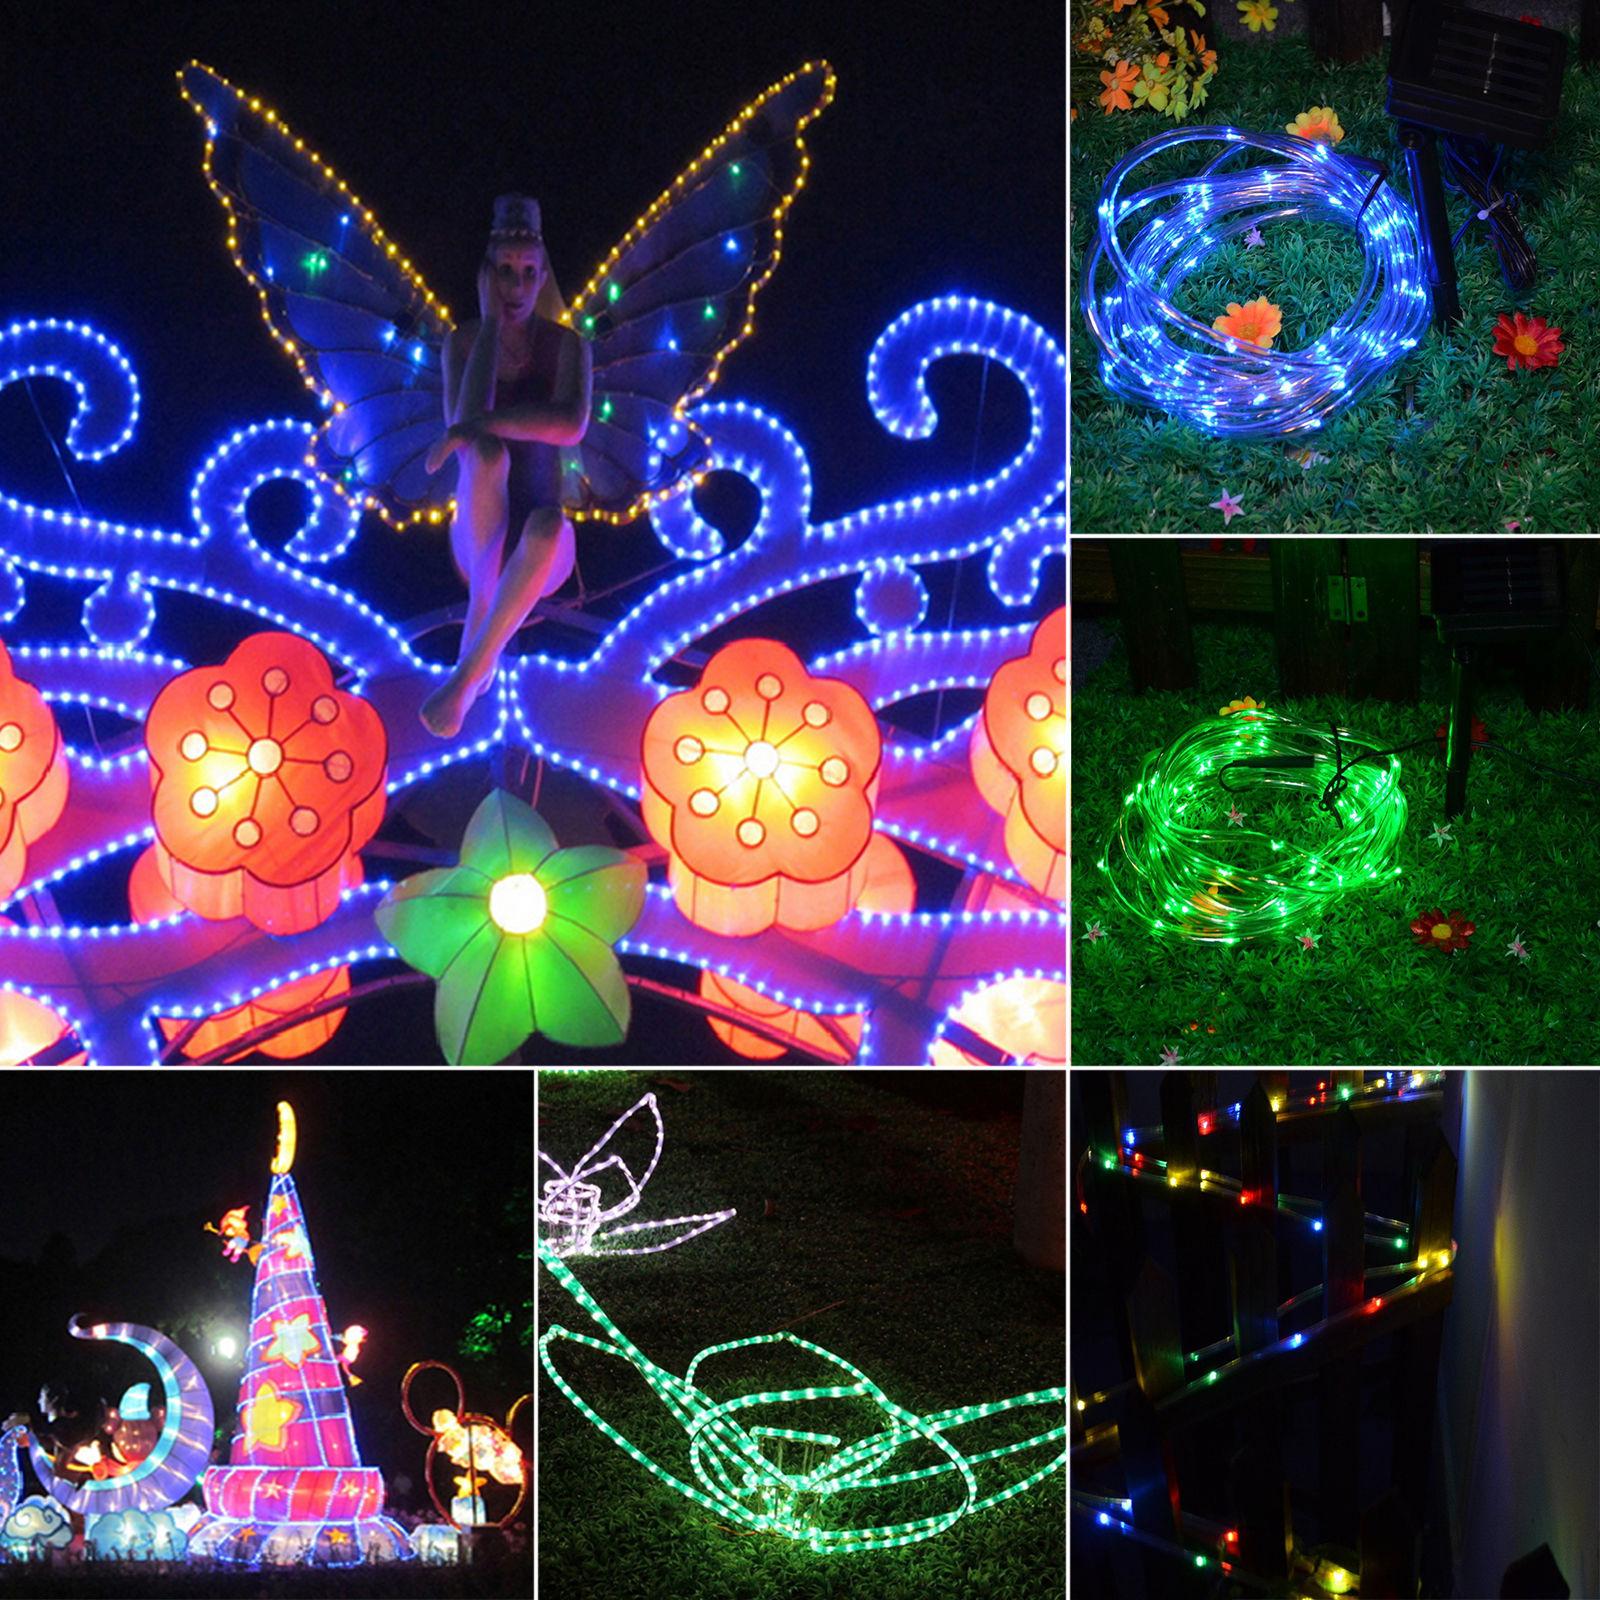 Outdoor Solar Fairy Lights Uk: 50/100 LED Solar Fairy String Light Tube Rope Garden